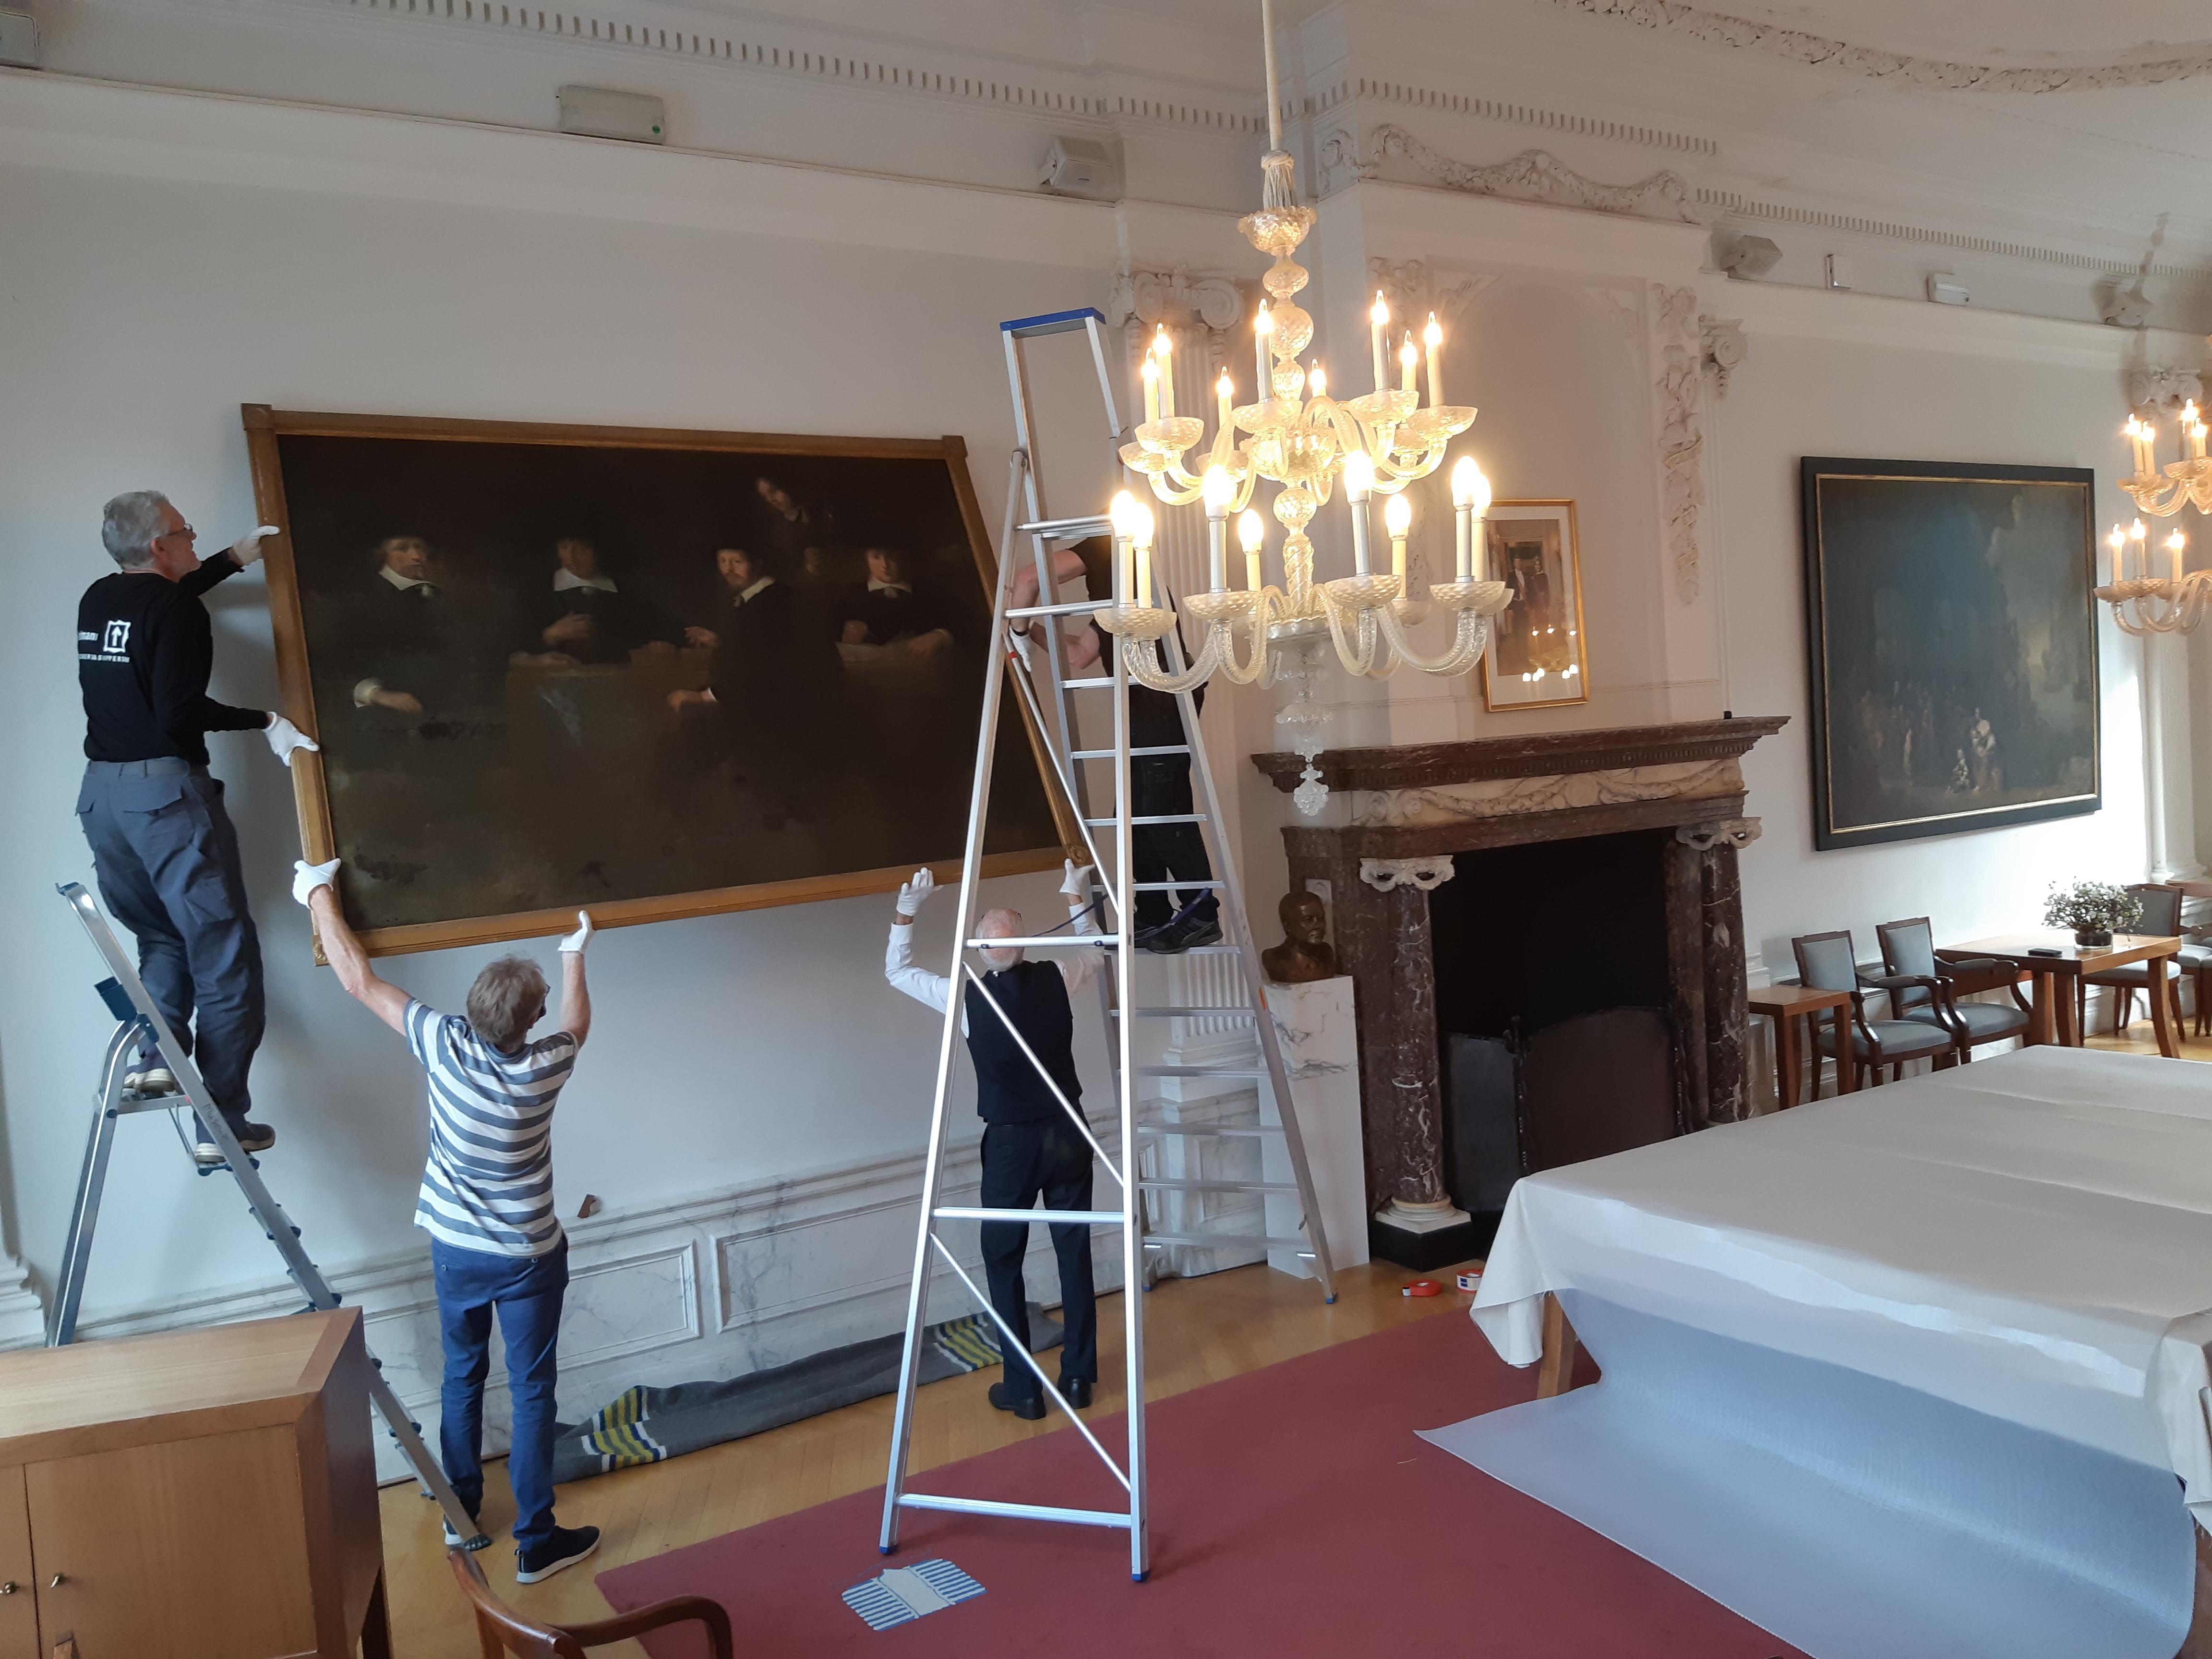 Opfrisbeurt voor dof en donker kunstwerk uit Museum Weesp: Hilversumse restaurator maakt 17de-eeuws schilderij 'De burgemeesteren van Weesp' weer strak en stralend